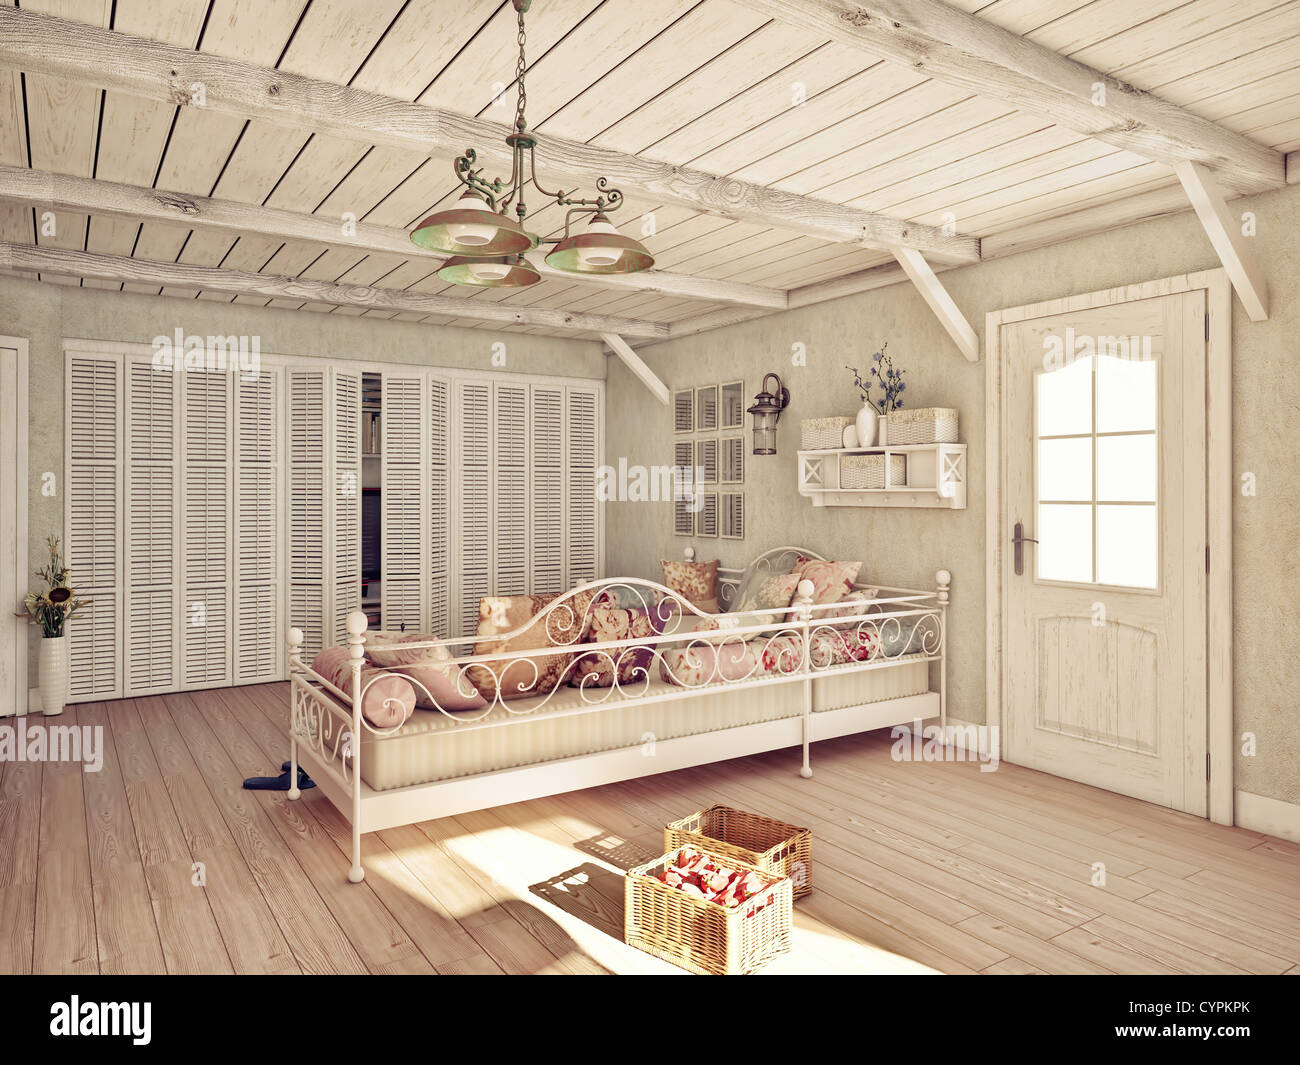 Intérieur de style Provence (3D Rendering) Photo Stock